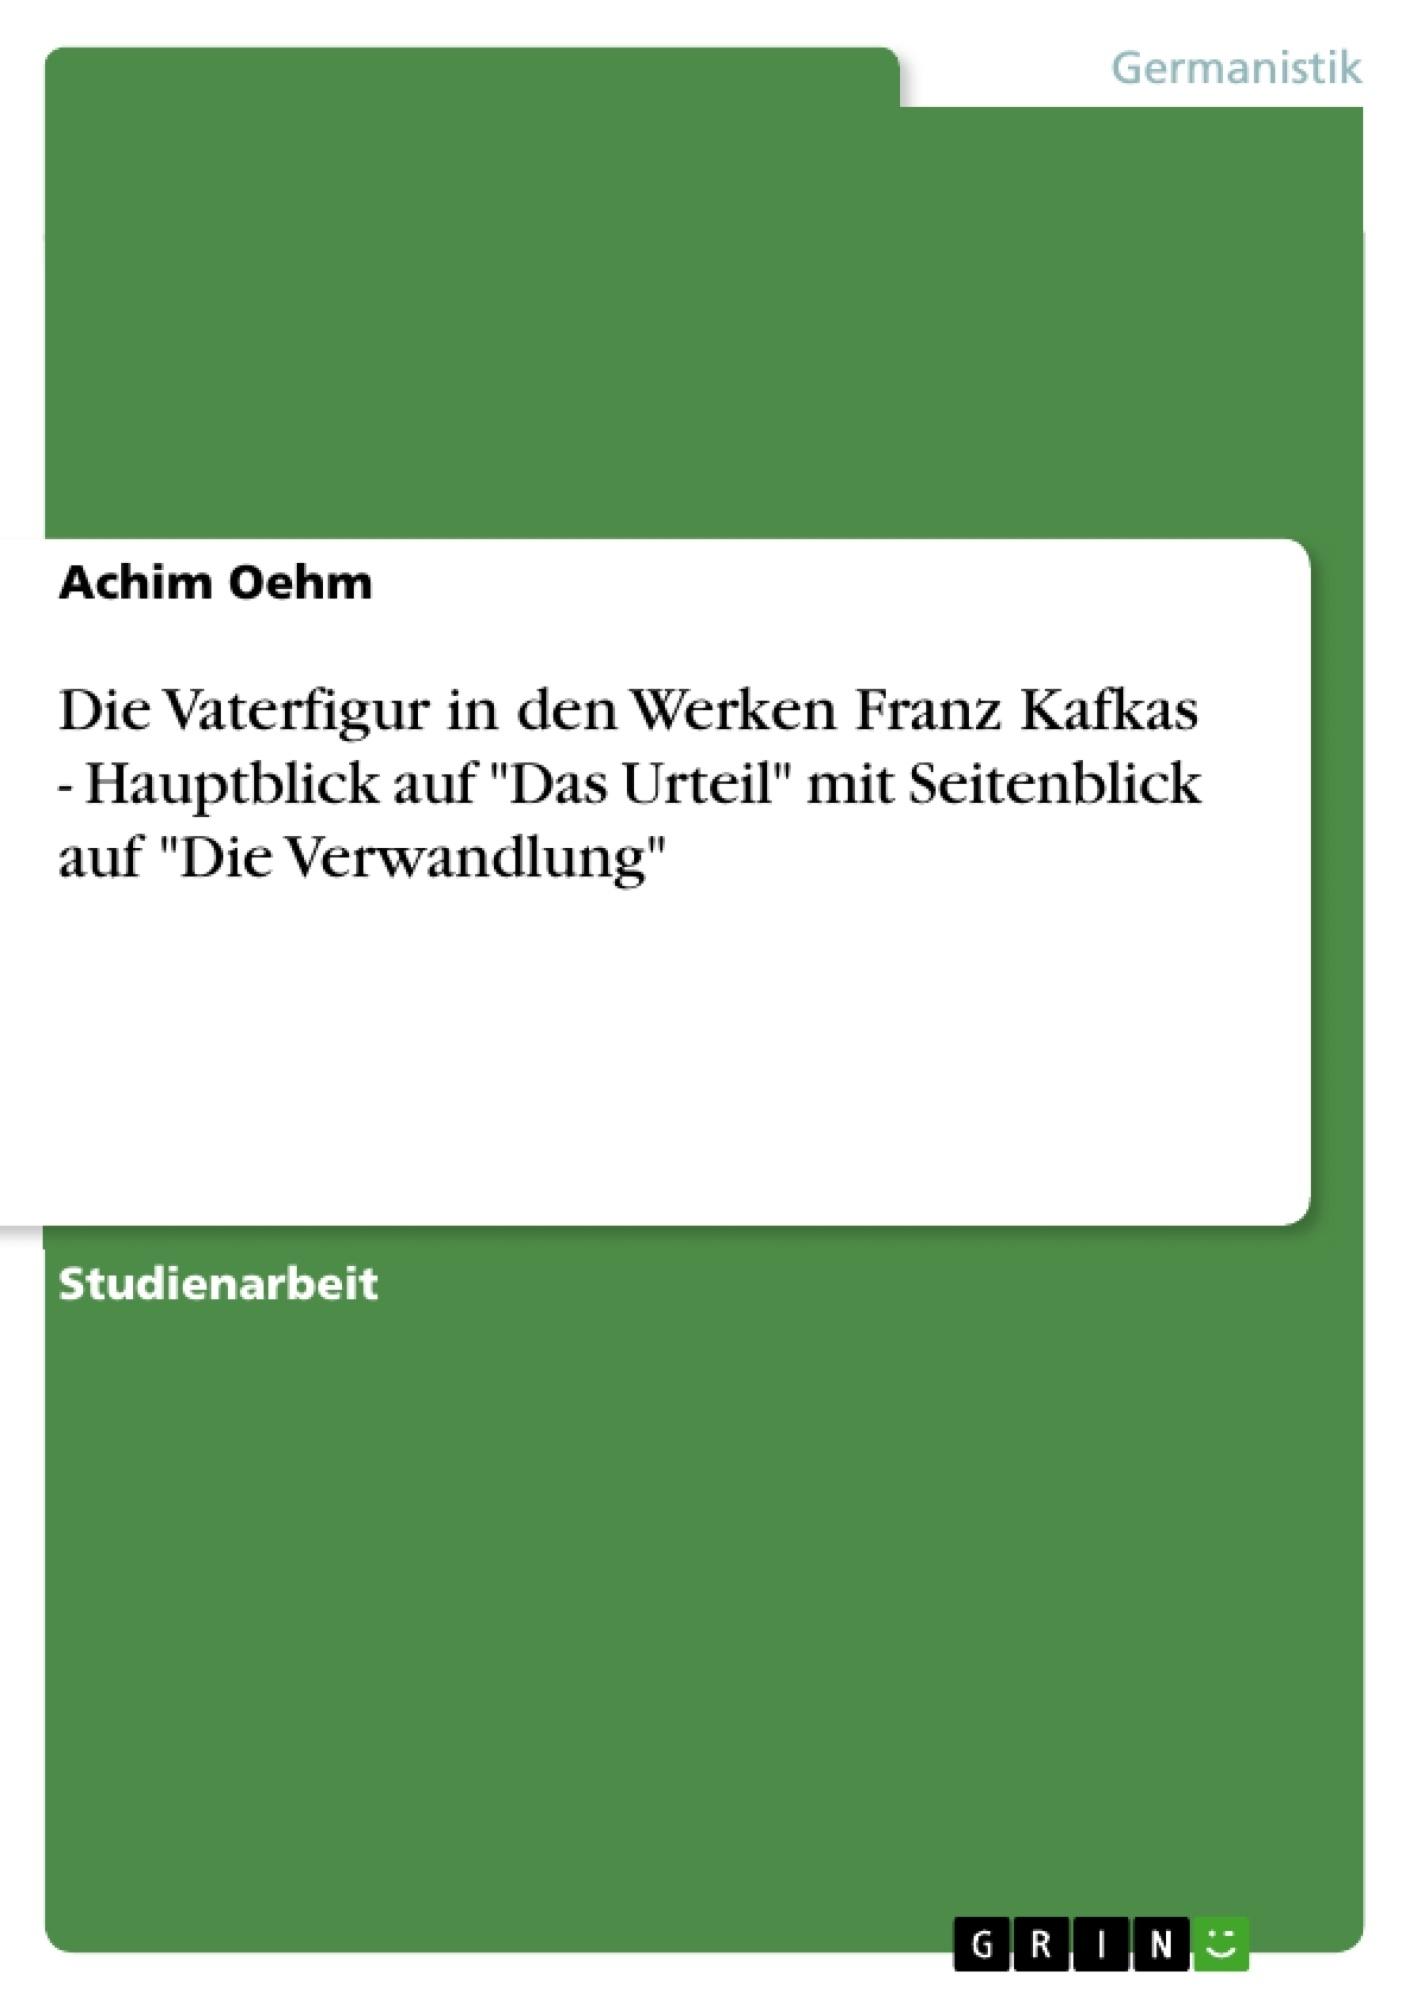 """Titel: Die Vaterfigur in den Werken Franz Kafkas - Hauptblick auf """"Das Urteil"""" mit Seitenblick auf """"Die Verwandlung"""""""